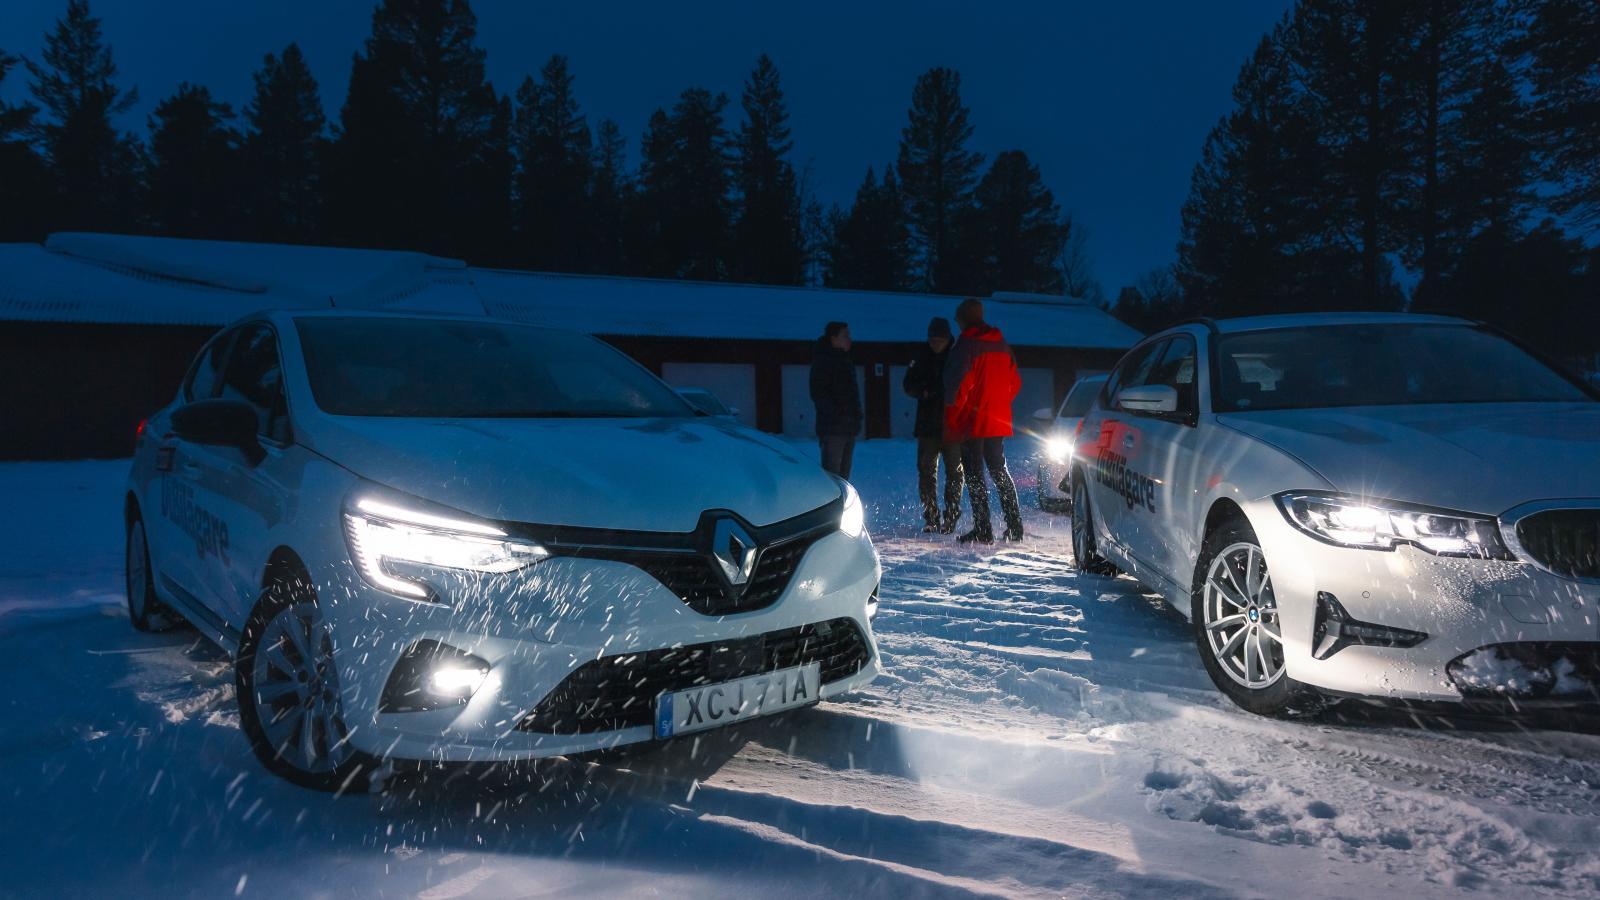 Alla av årets bilar var utrustade med LED-strålkastare. Dock med varierande styrka.